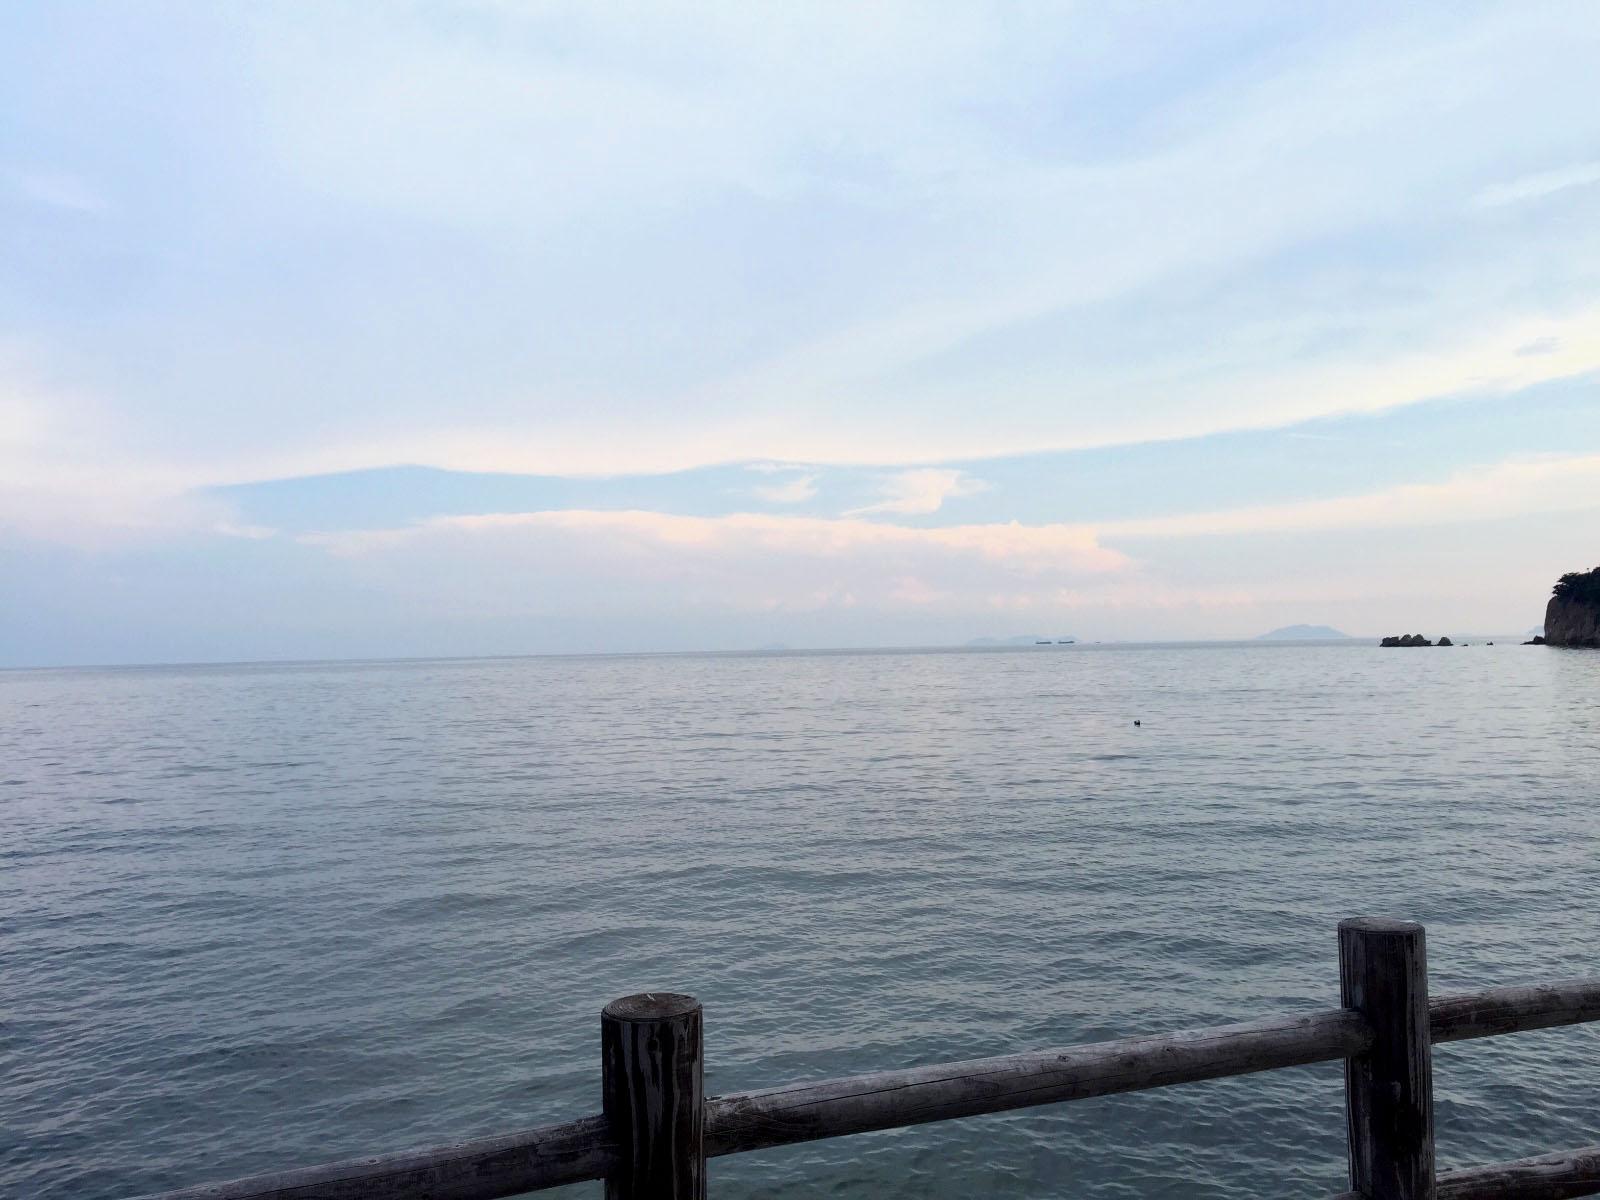 夕暮れの空と穏やかな海面